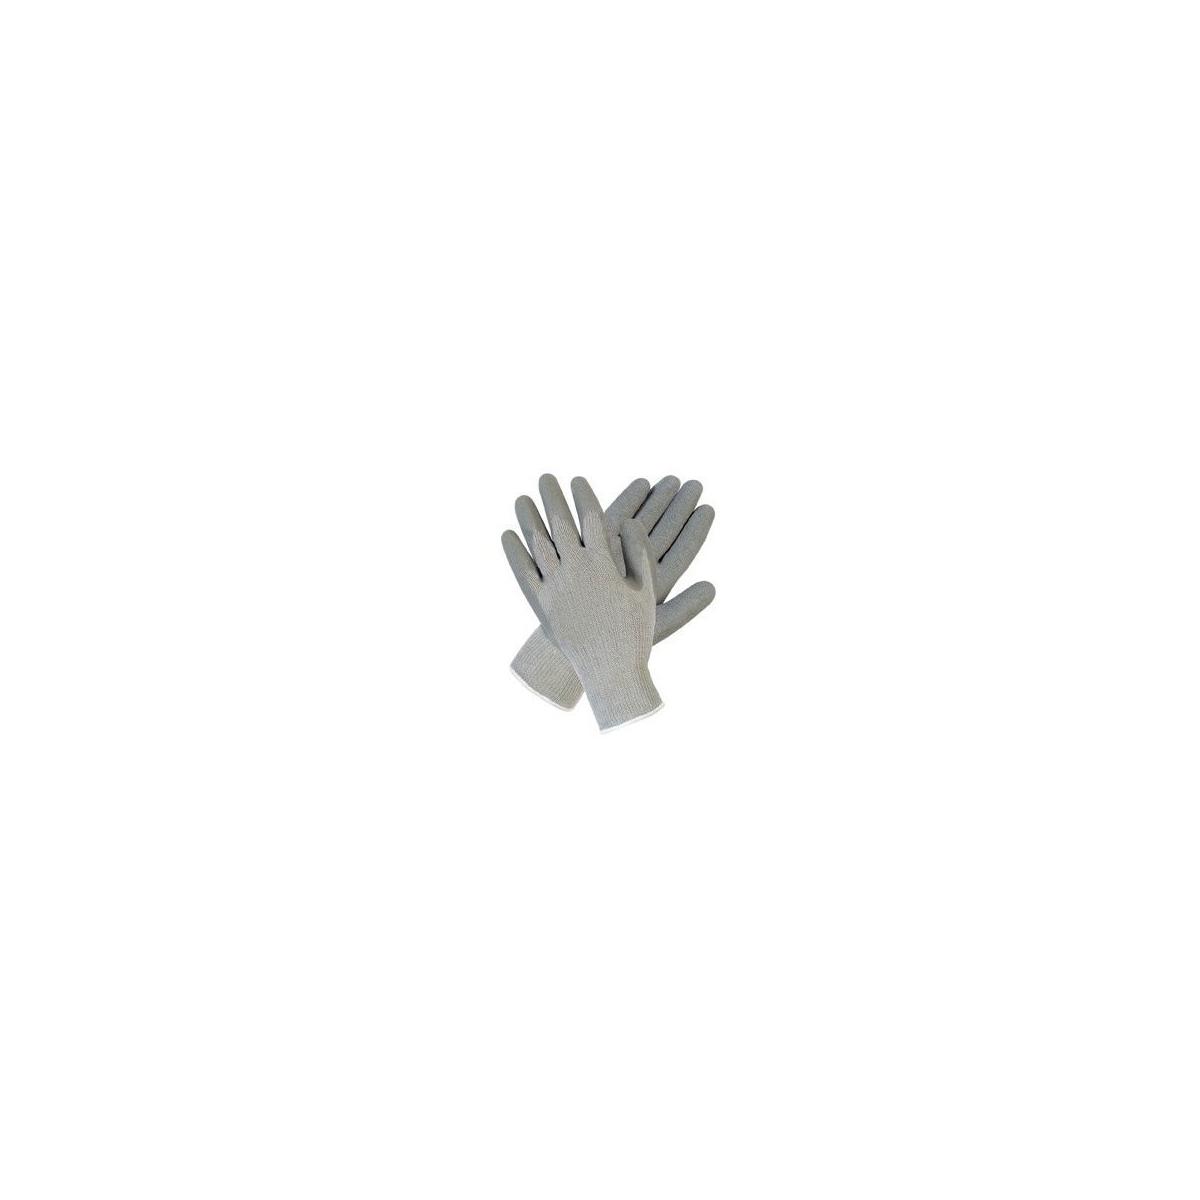 RĘKAWICE 415 10 SZARE RĘKAWICE 415 10 SZARE